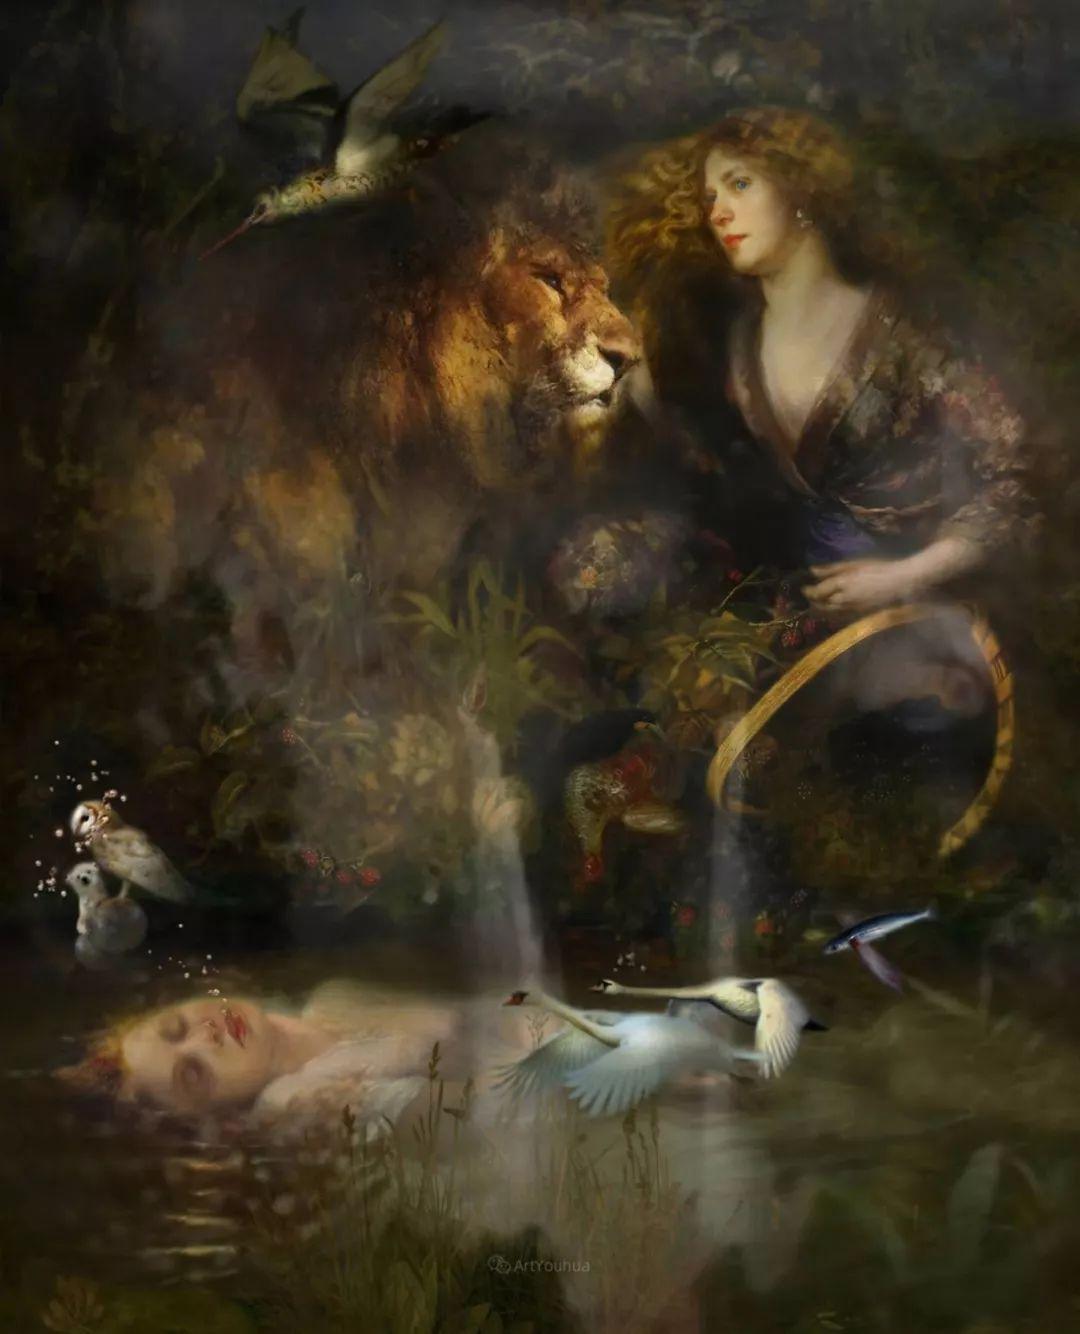 传统绘画与后现代元素的结合,英国画家伊娃·特洛伊插图9